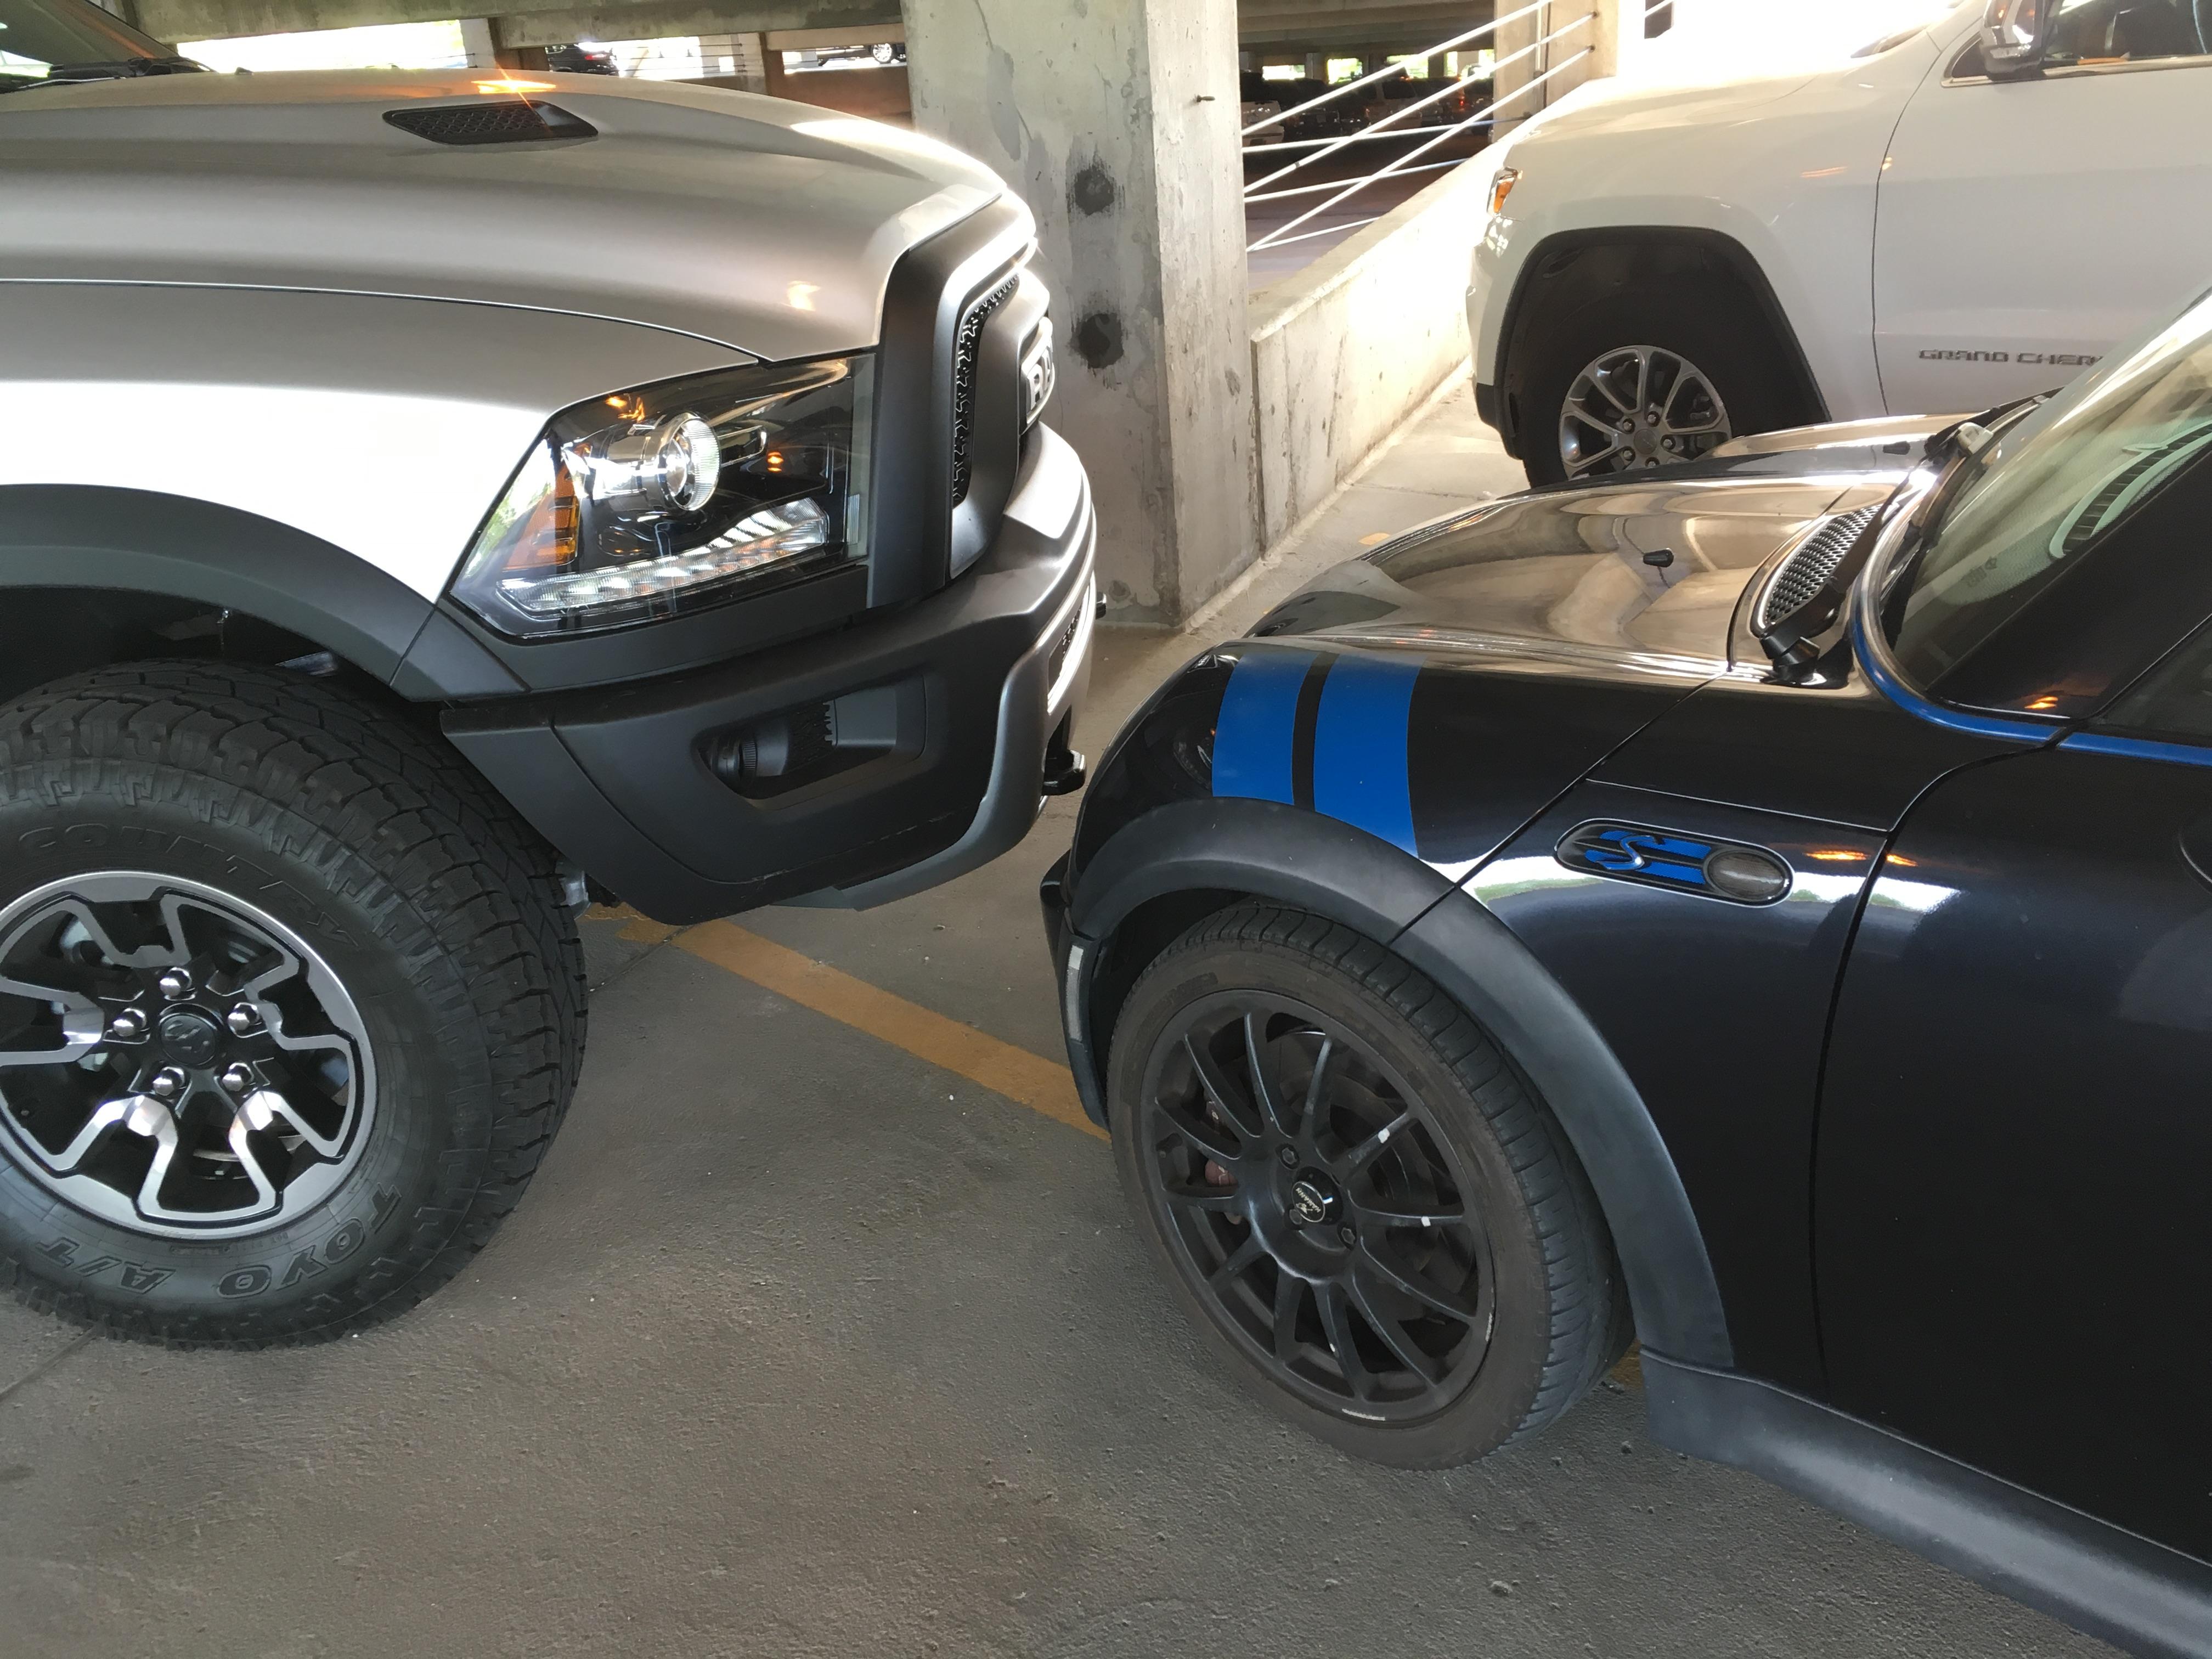 Symbiotic Parking